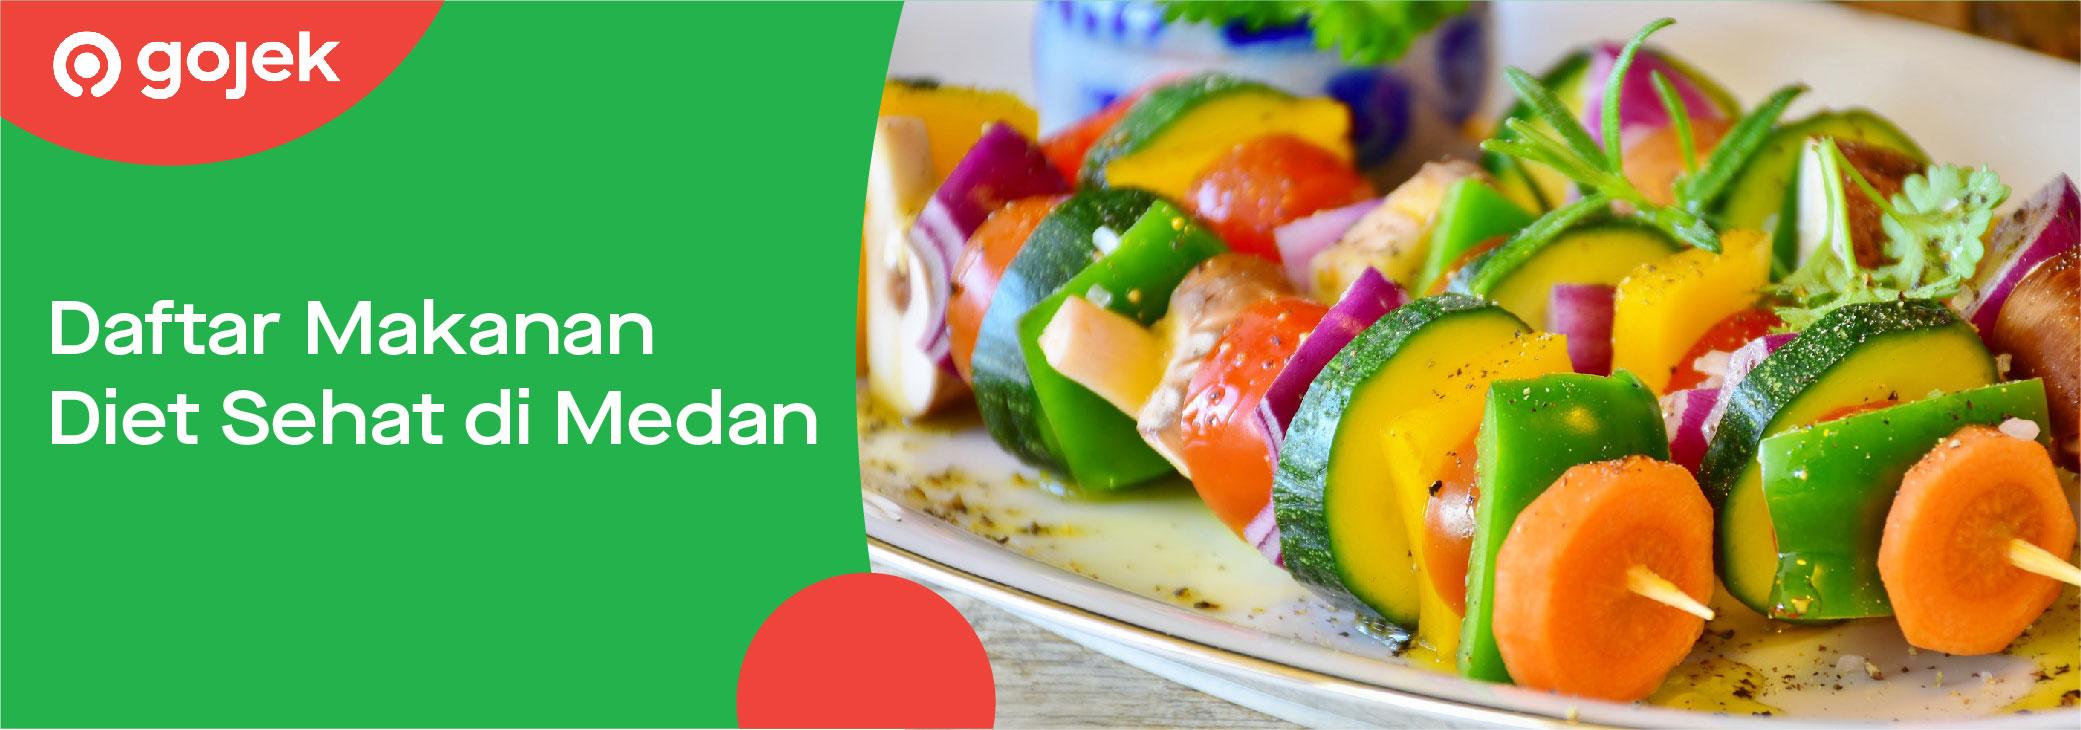 Wujudkan Resolusi Hidup Sehat Pilih 4 Makanan Sehat Medan Gojek